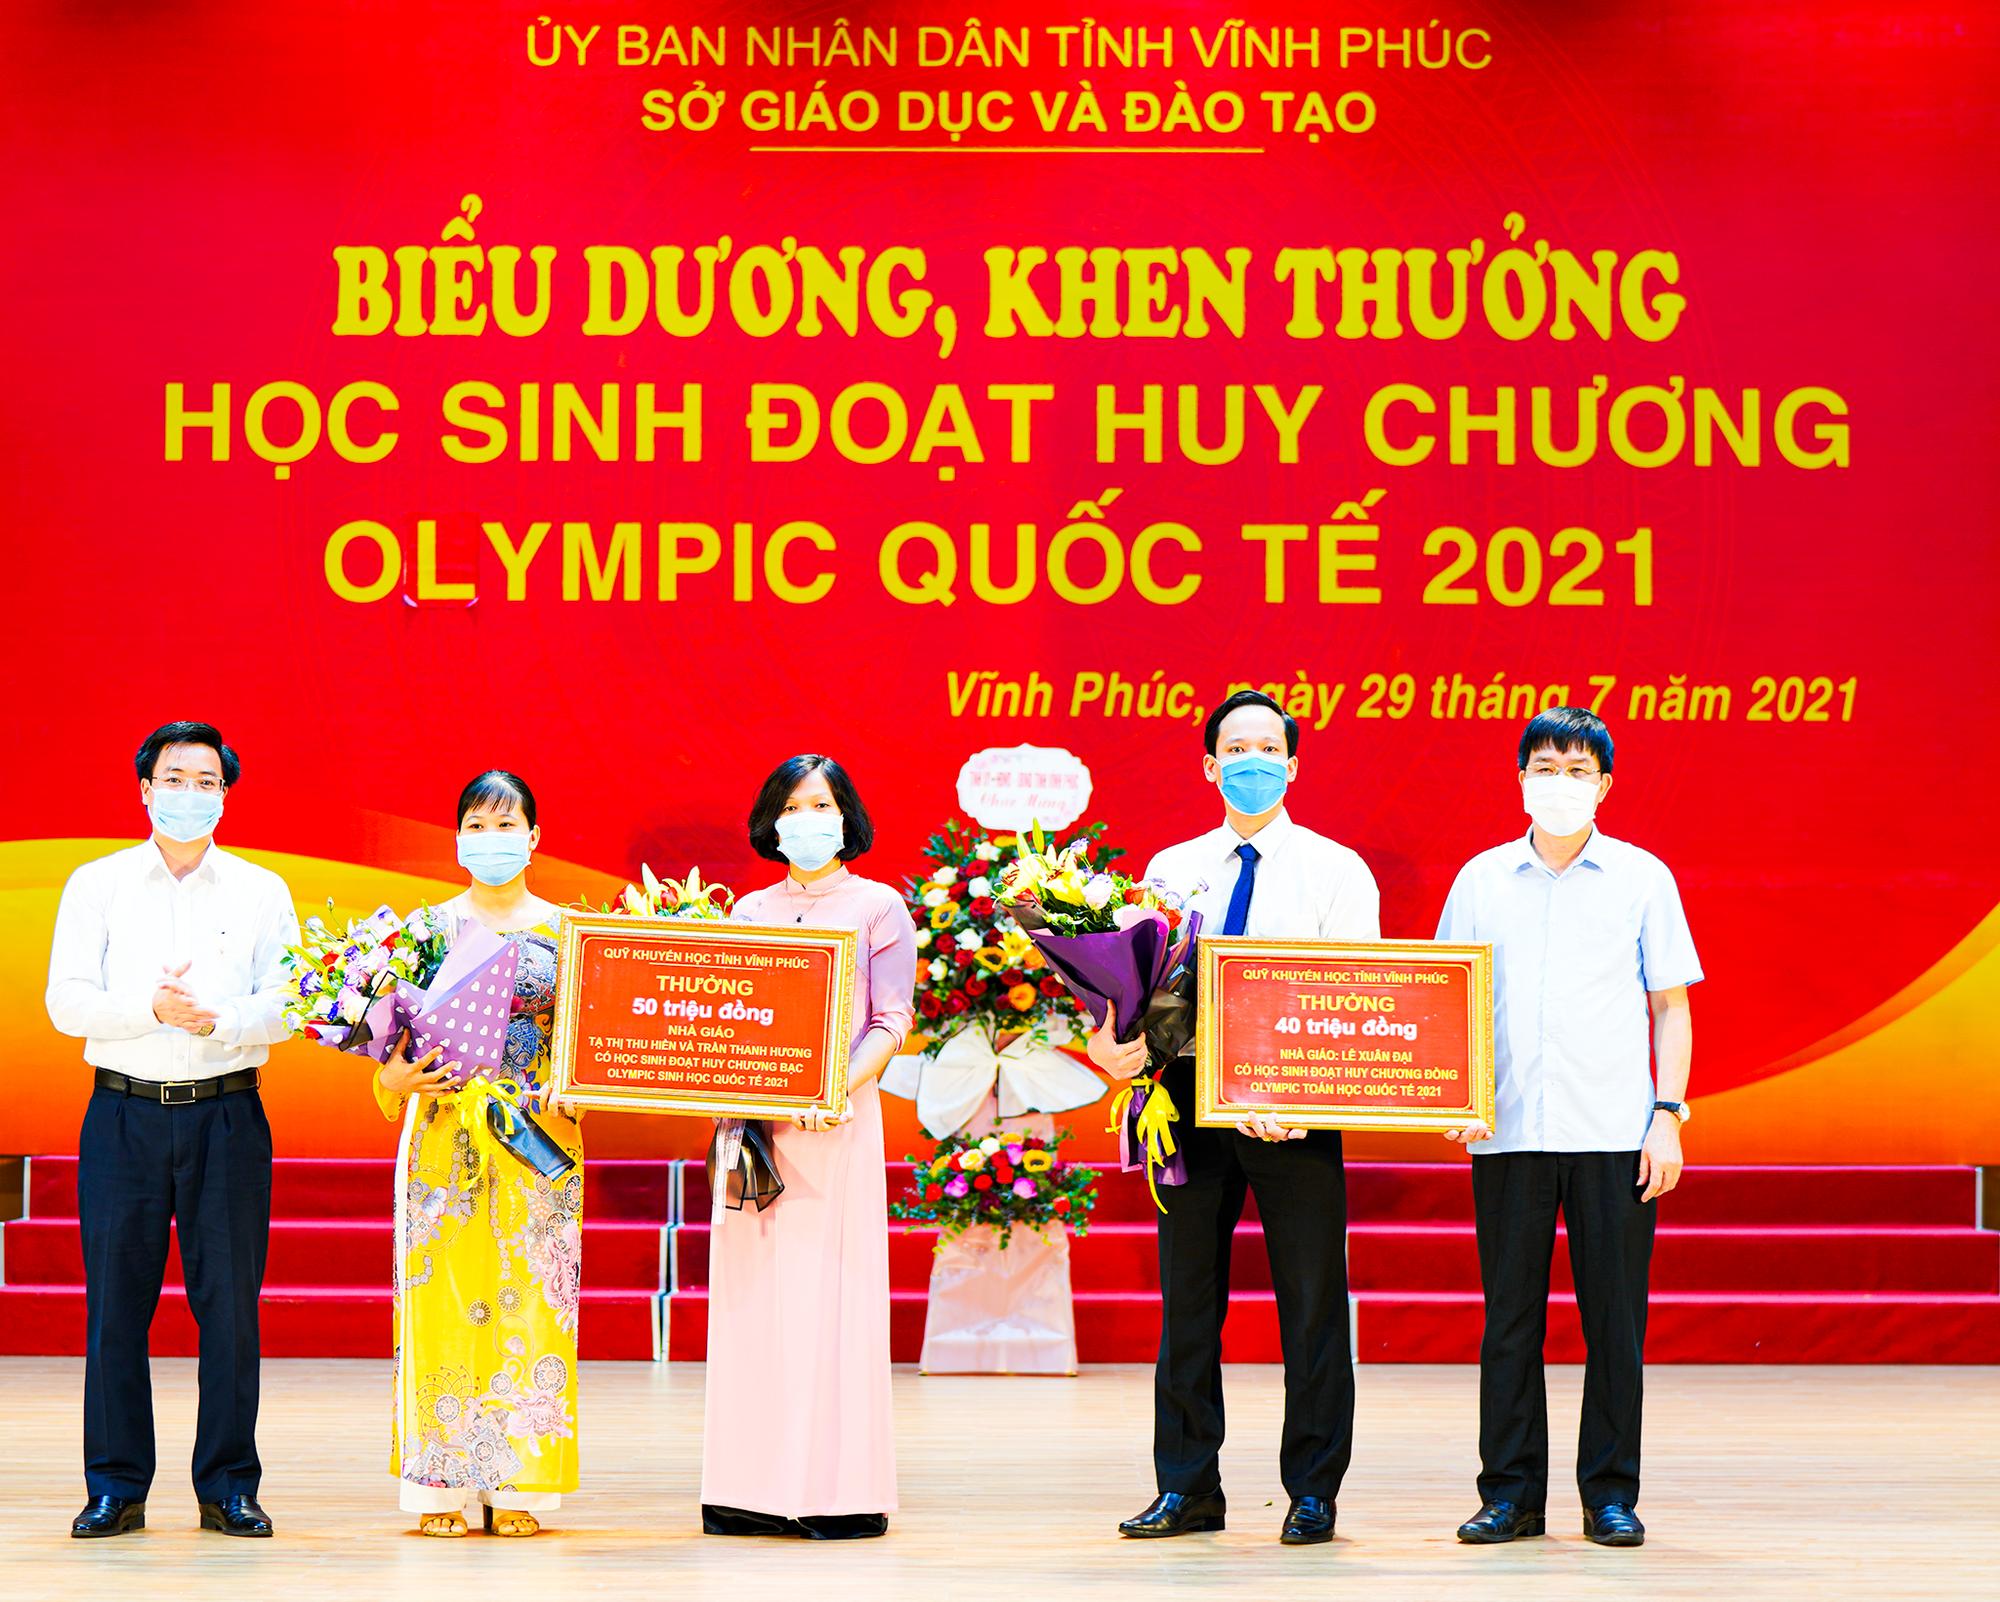 """Một tỉnh thưởng """"khủng"""" - hơn 1 tỷ đồng cho 5 thầy, trò có giải tại Olympic quốc tế - Ảnh 2."""